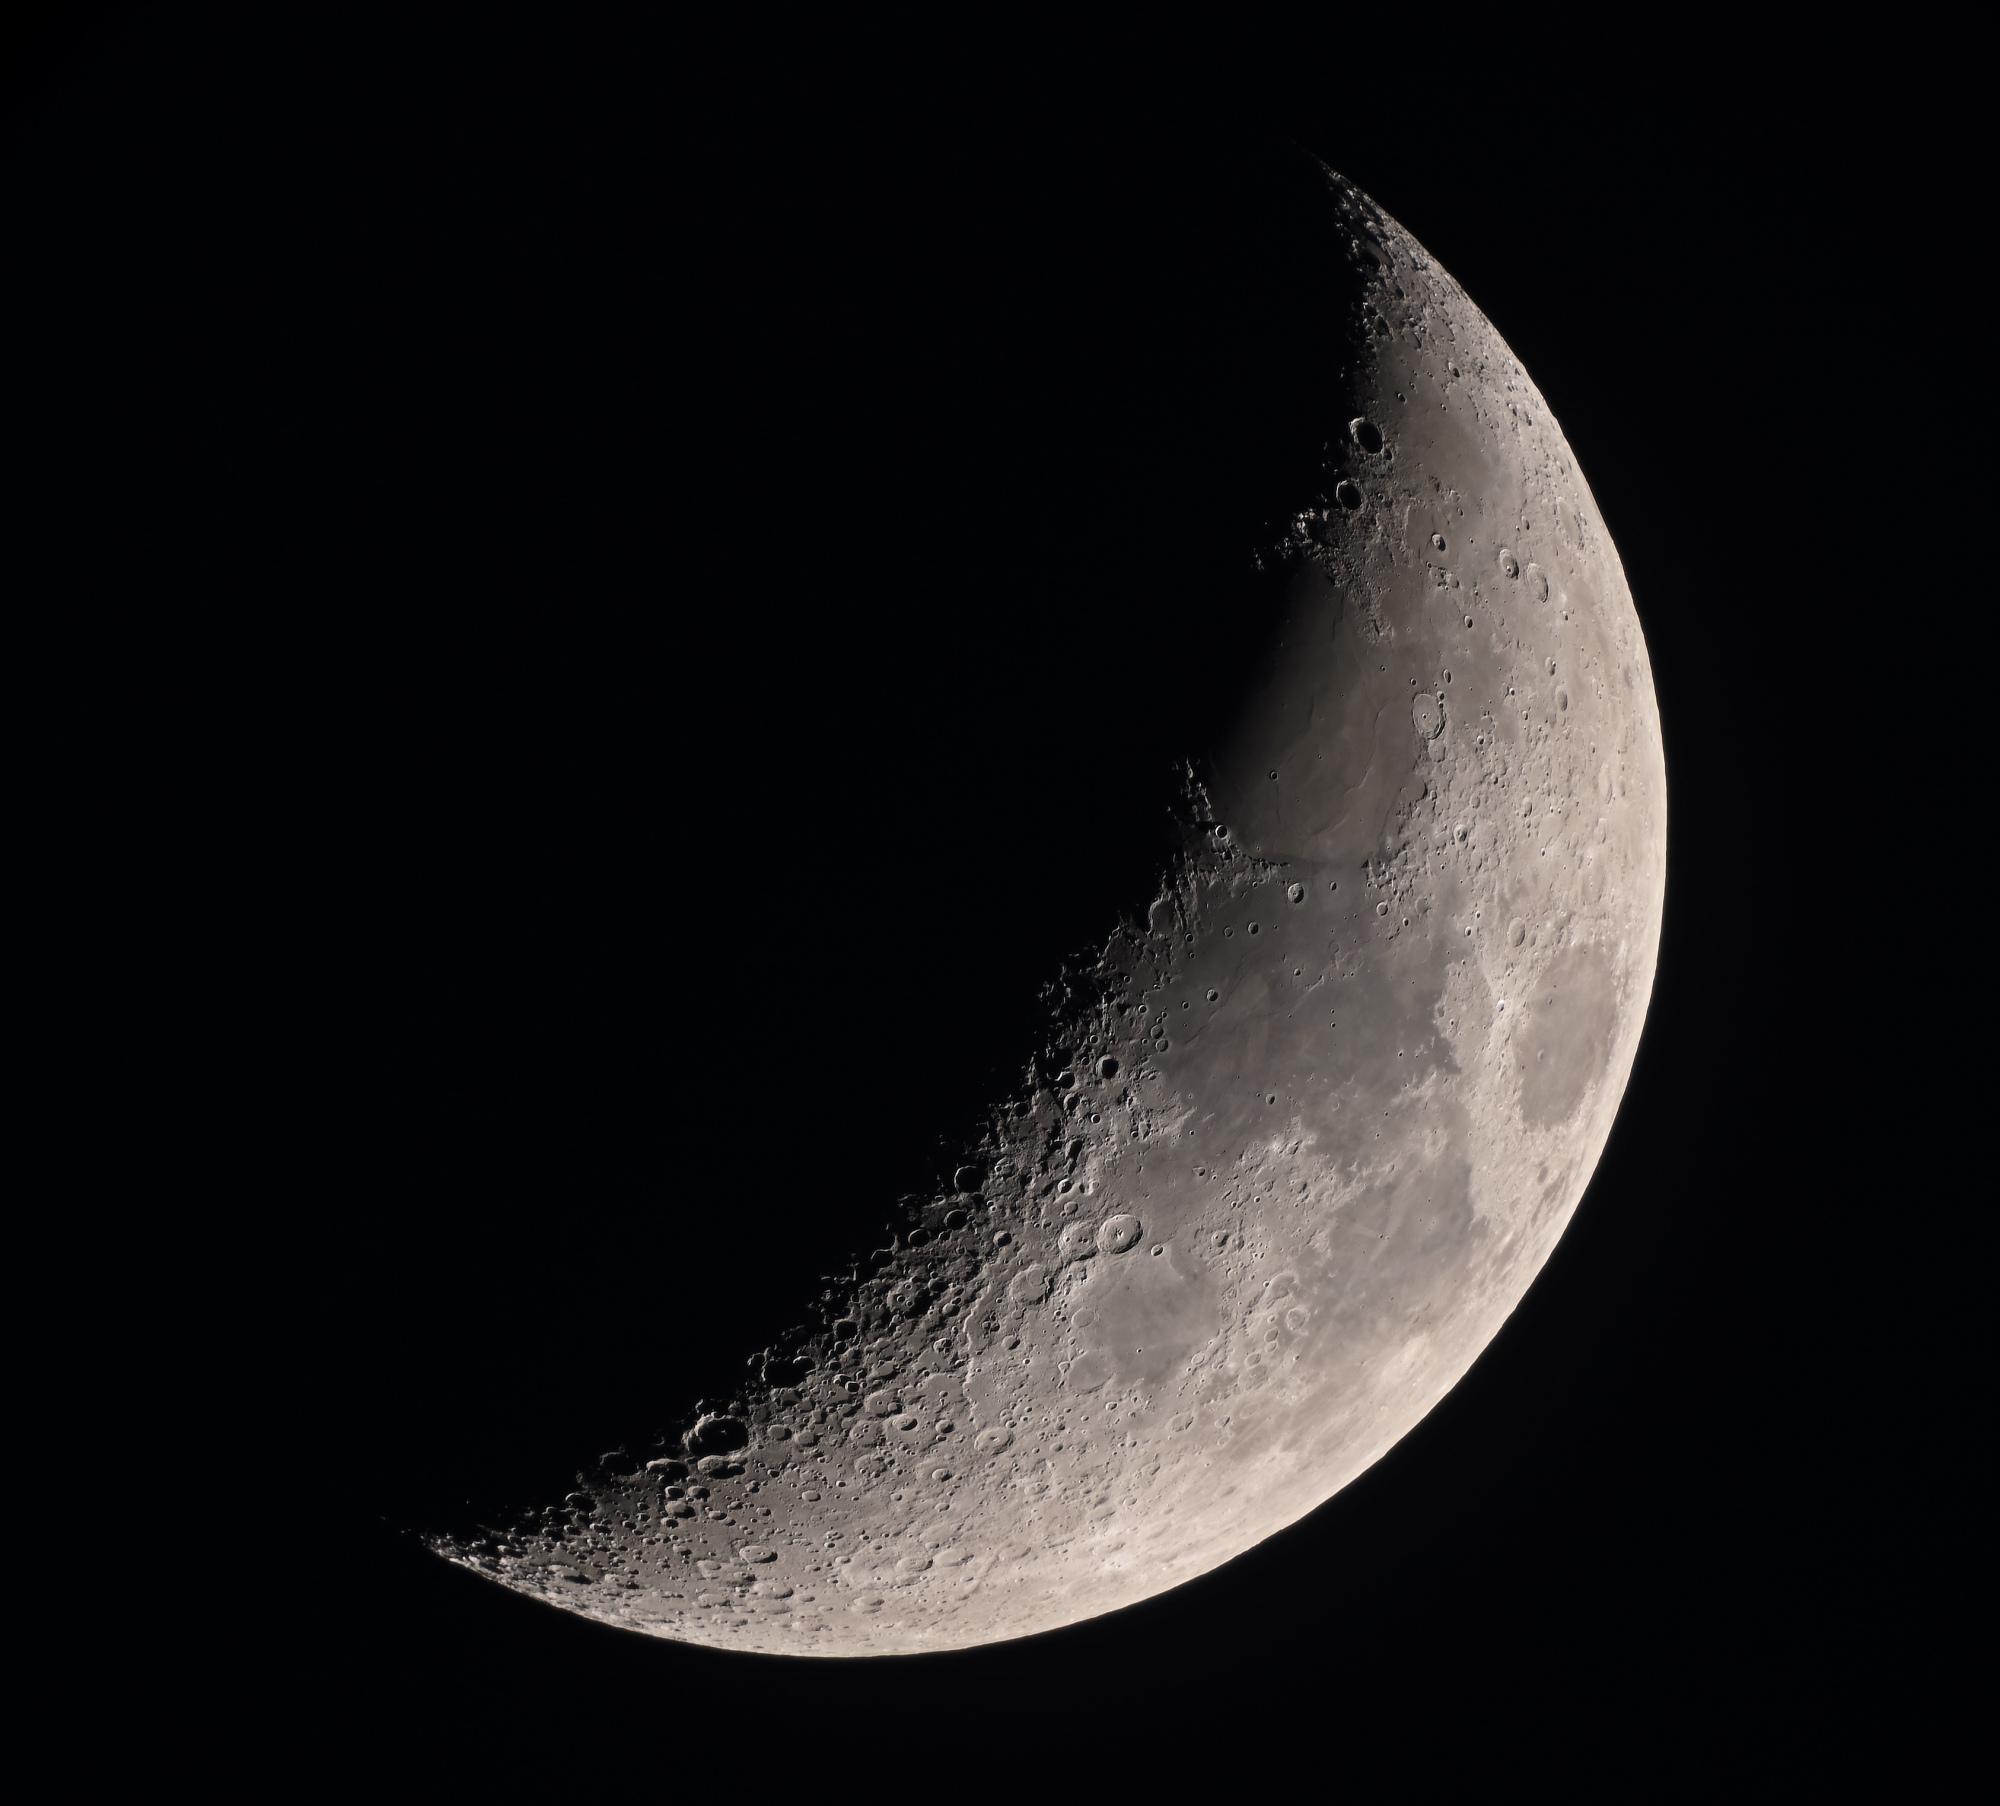 5e83a62b70fe5_lune30mars2.thumb.jpg.f5aff50842f1f3cc8bd351ea28d0f734.jpg